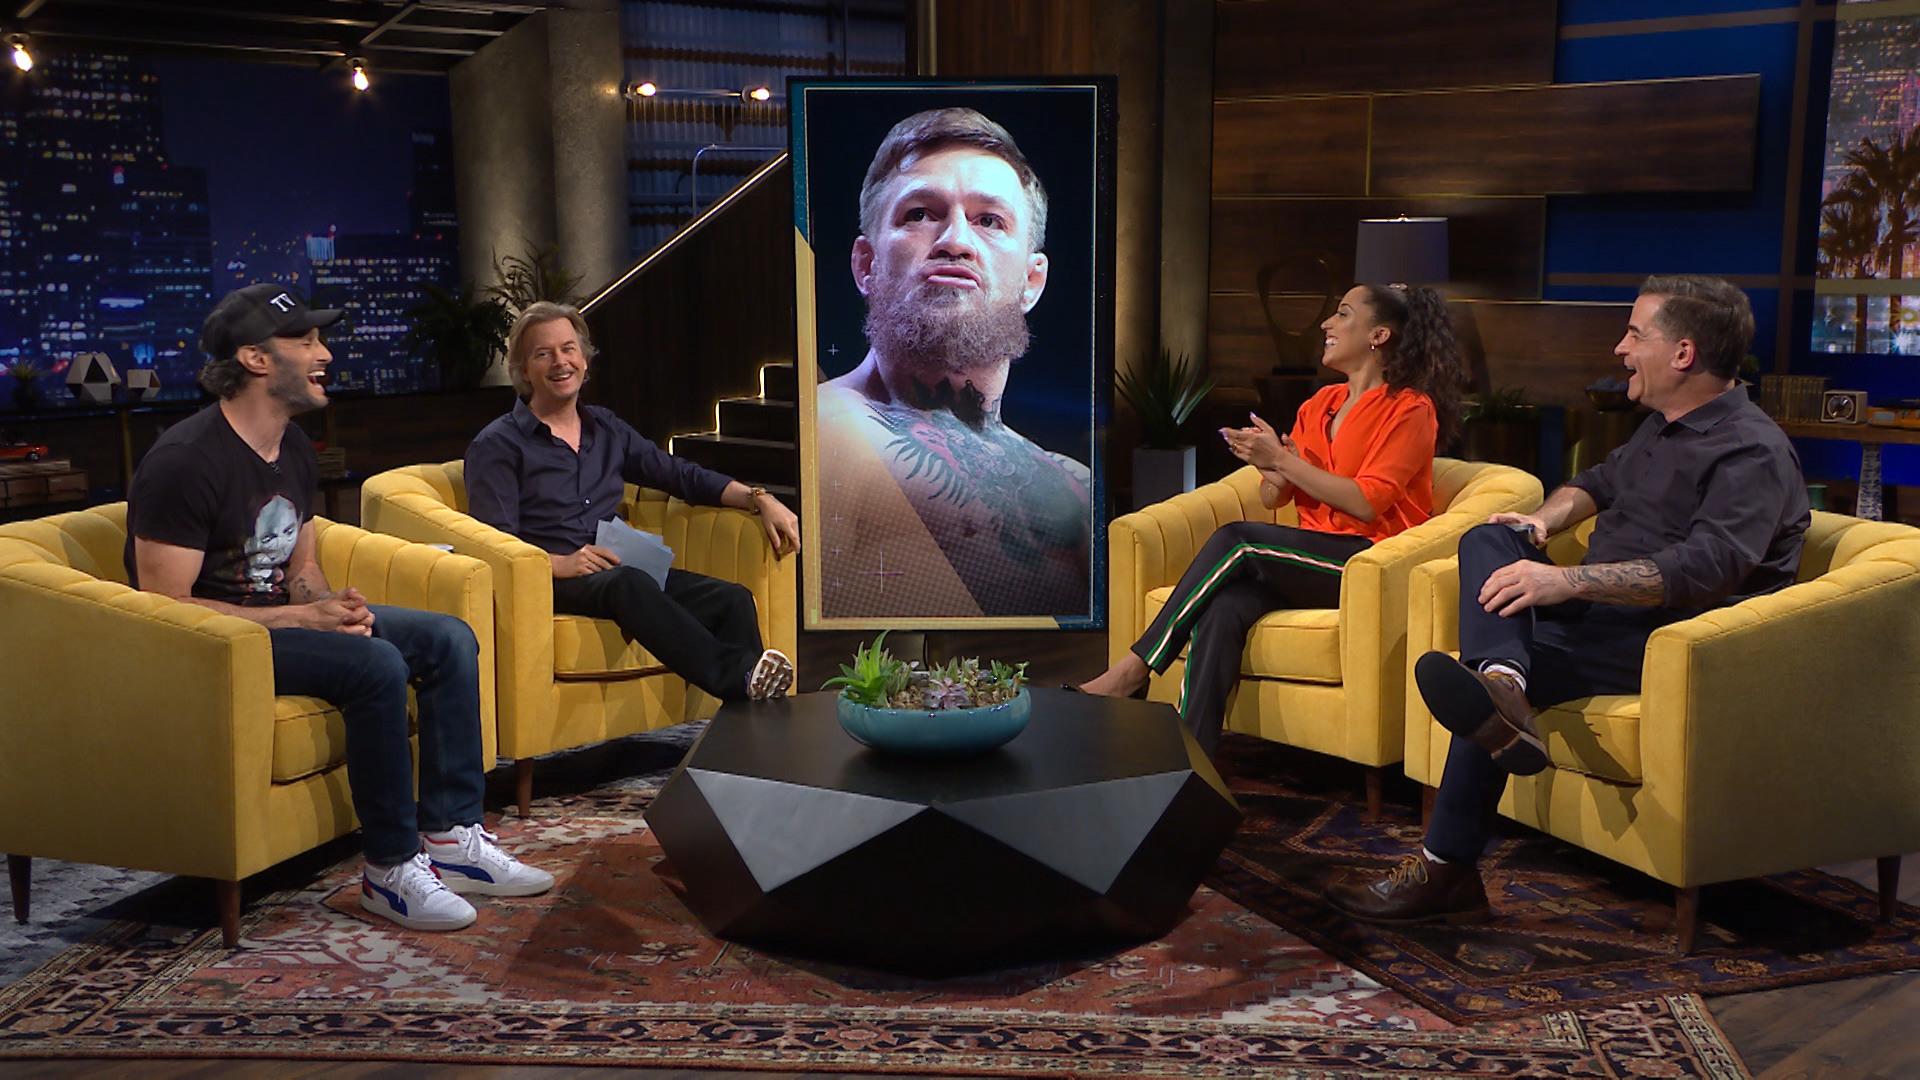 August 15, 2019 - Robin Thede, Todd Glass, Josh Wolf & Stassi Schroeder